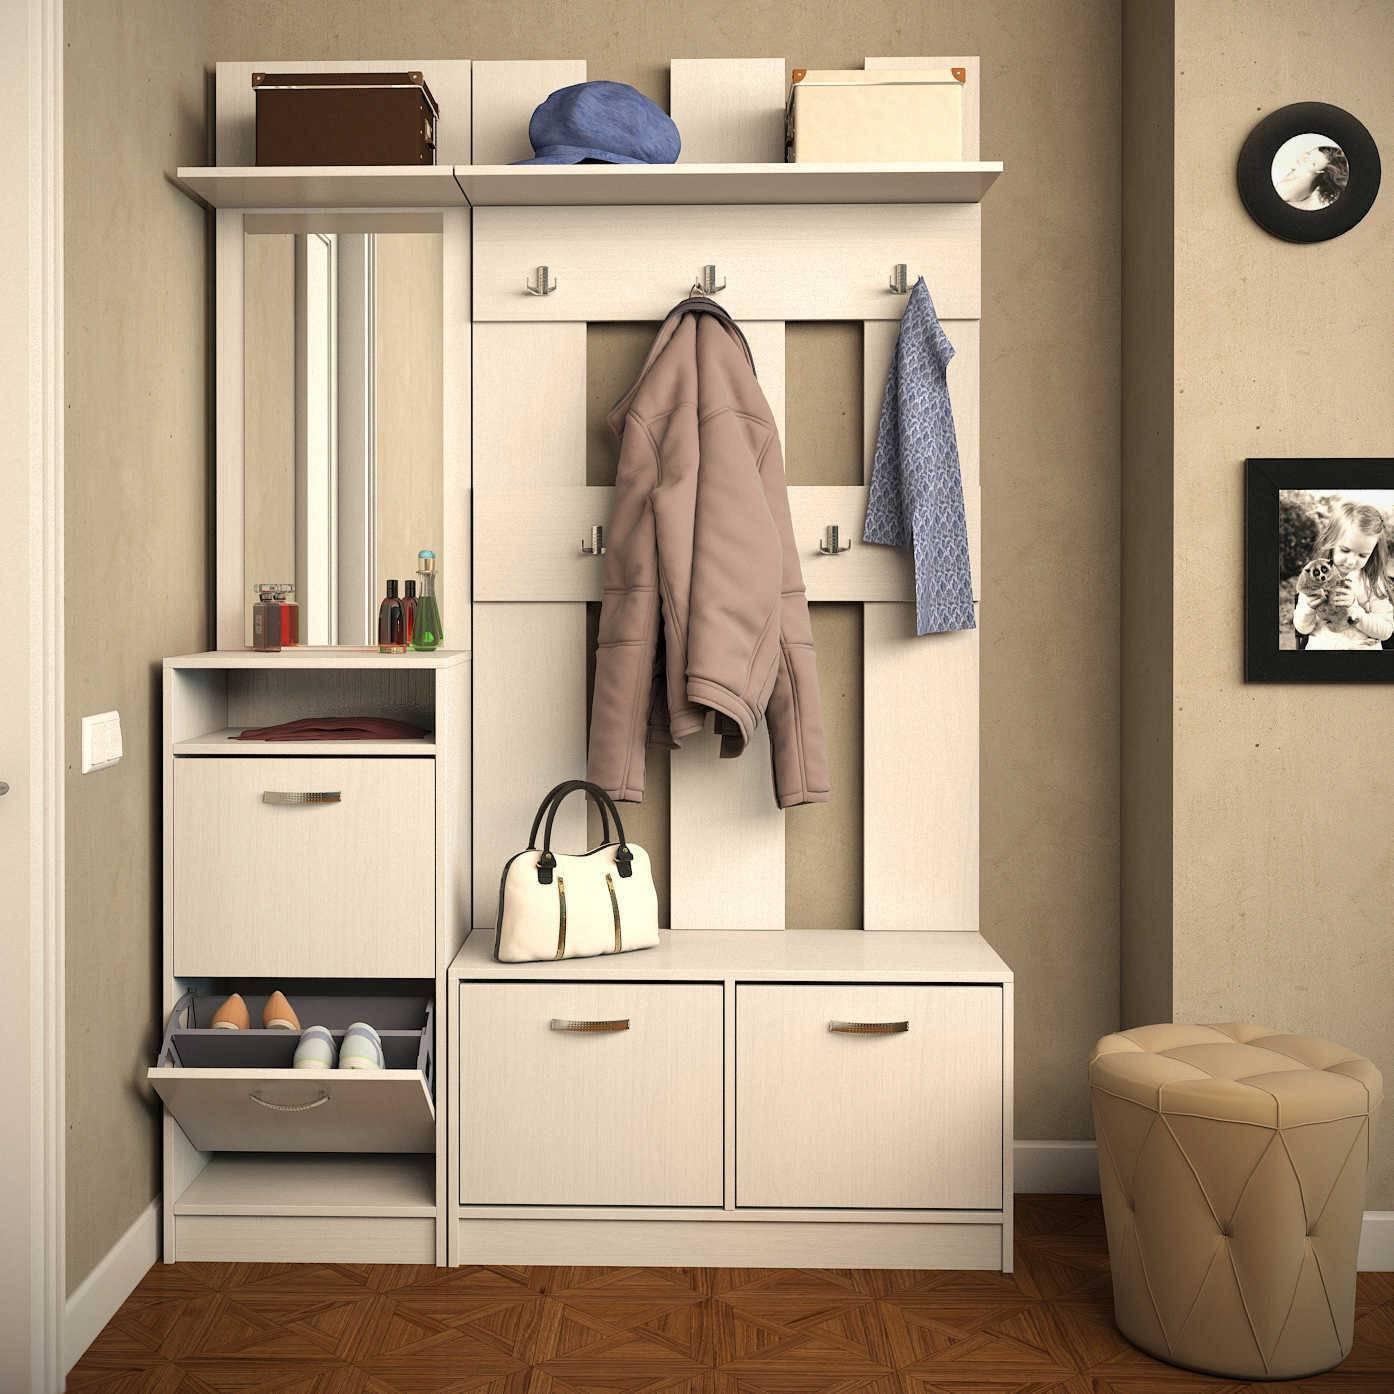 Прихожие в маленький коридор (102 фото): выбор мебели для малогабаритных коридоров, варианты дизайна мини-прихожих